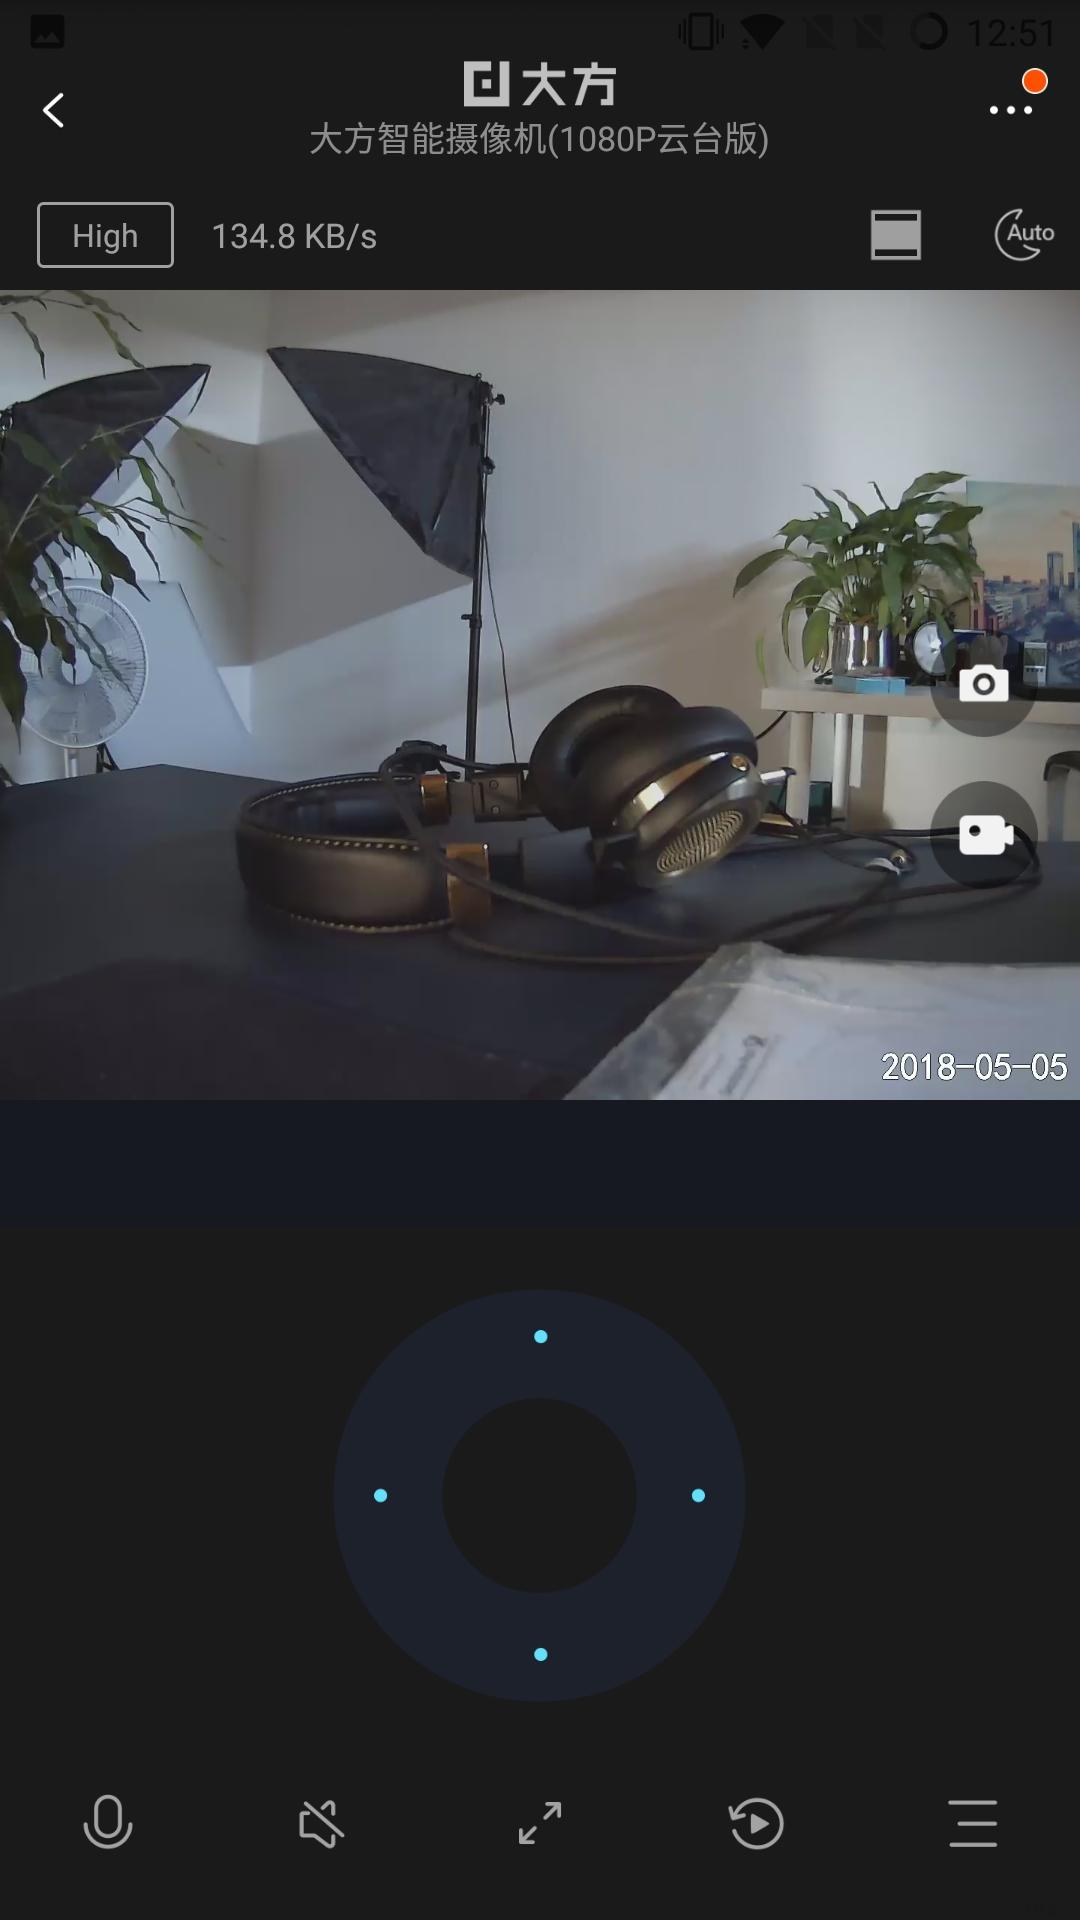 Comparison Xiaomi Security Cameras